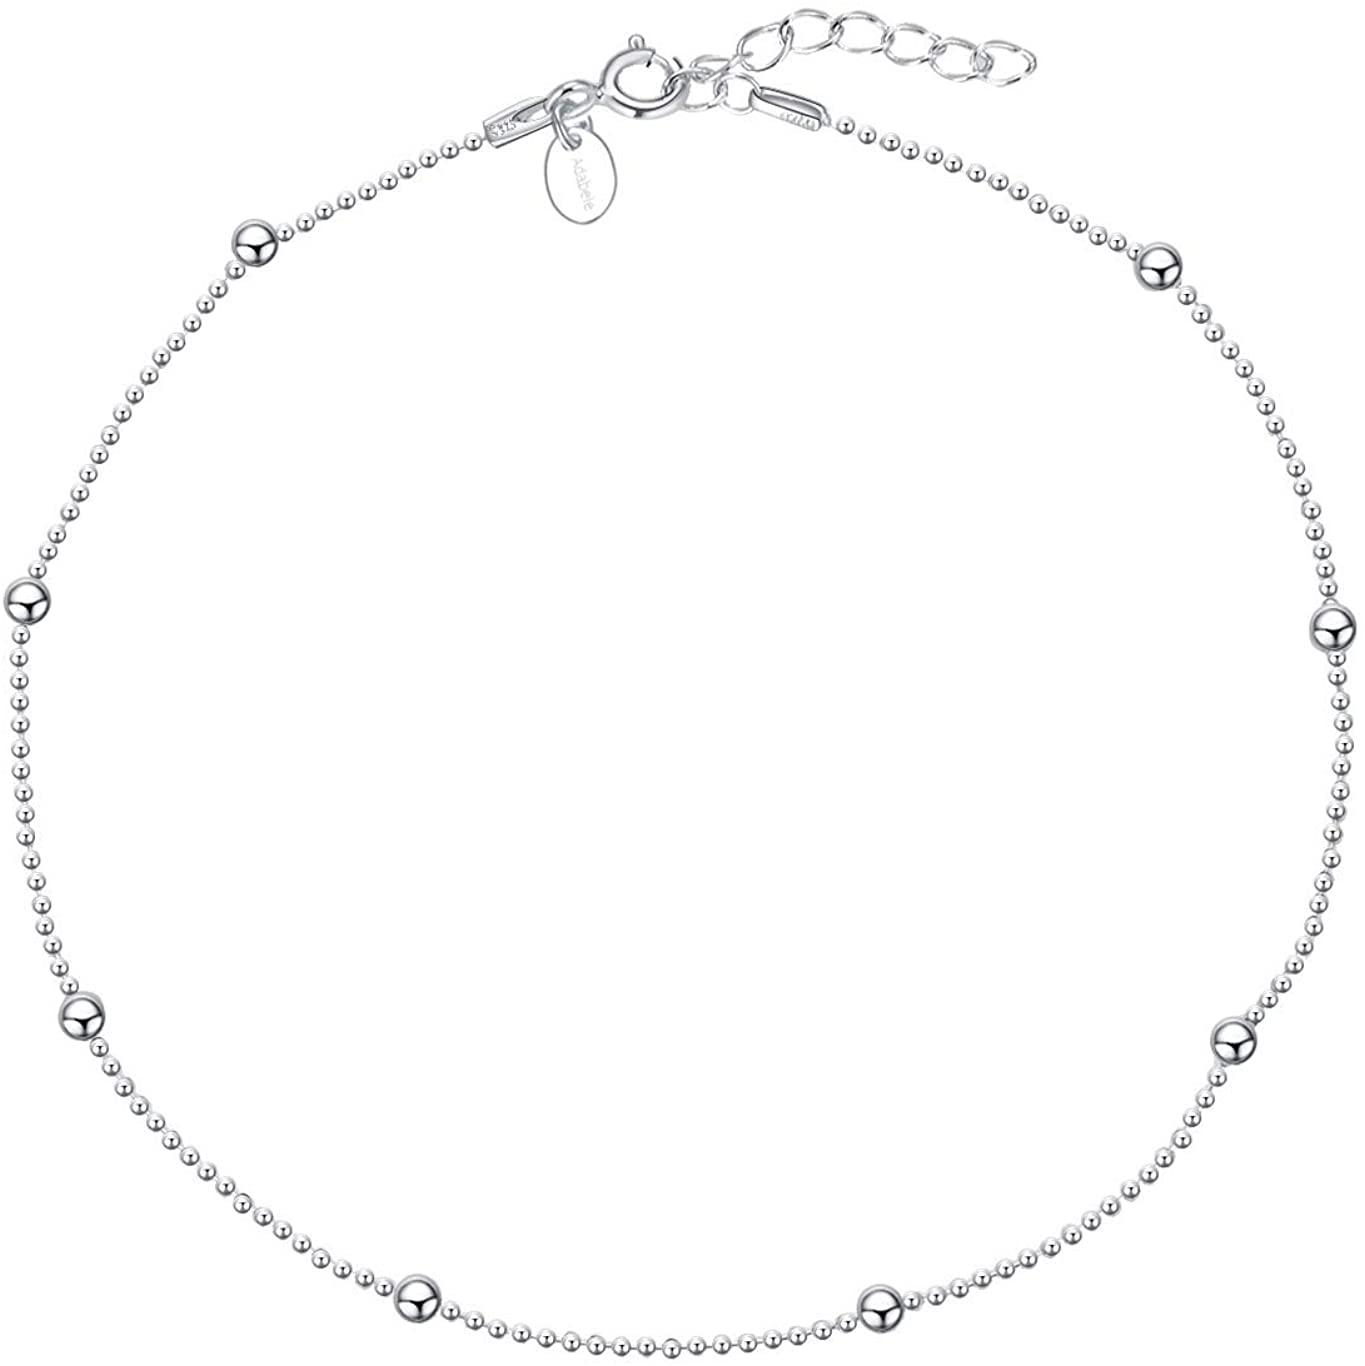 Adabele 925 Sterling Silver Anklet Bracelet 1mm & 2.5mm Bead Station 9